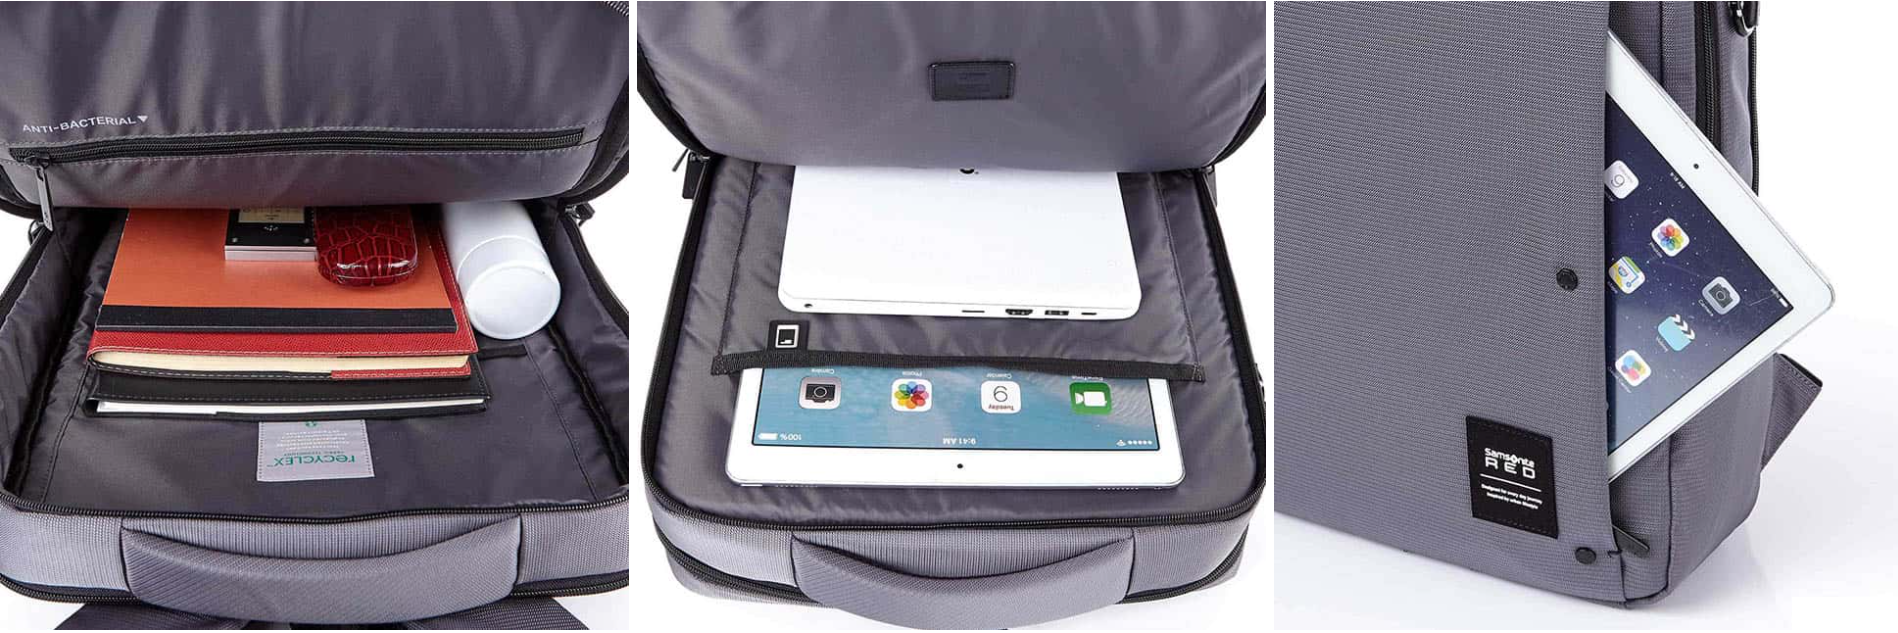 laptop inside